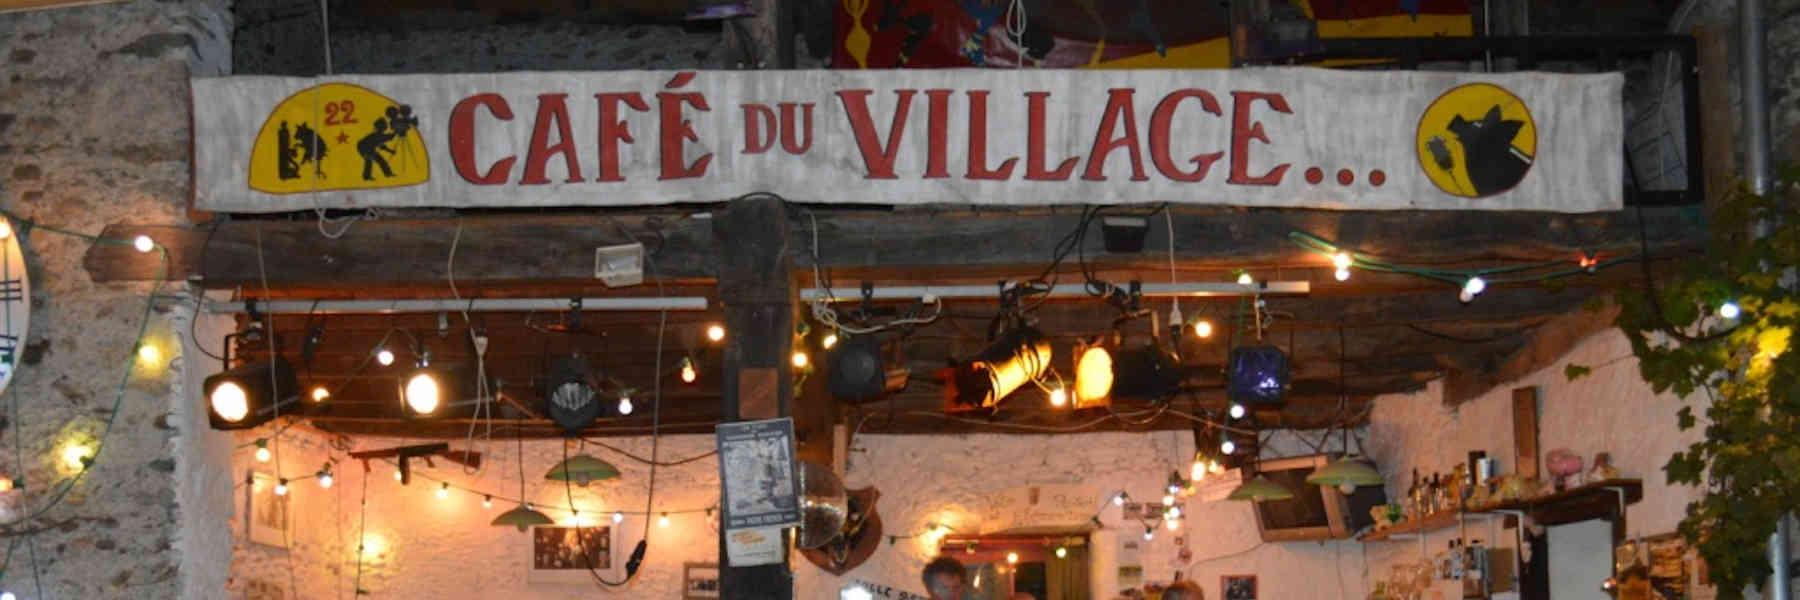 L'initiative du café du village d'Anères